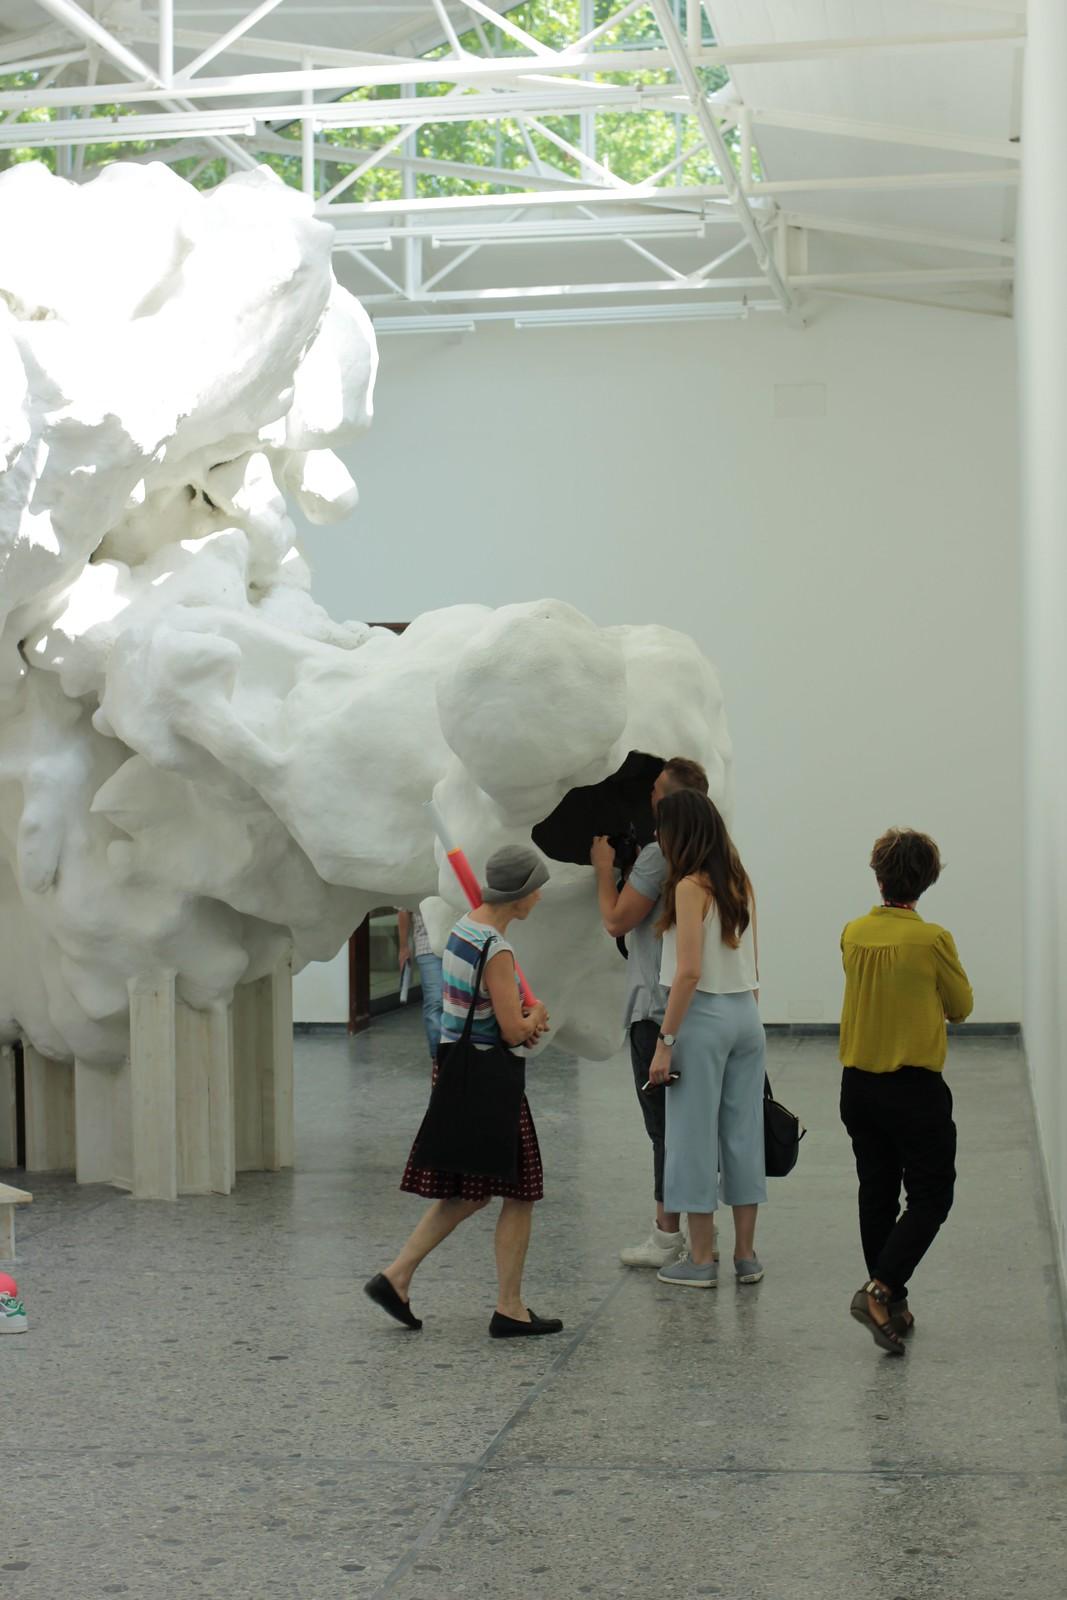 Swiss Pavilion, Venice Architecture Biennale 2016